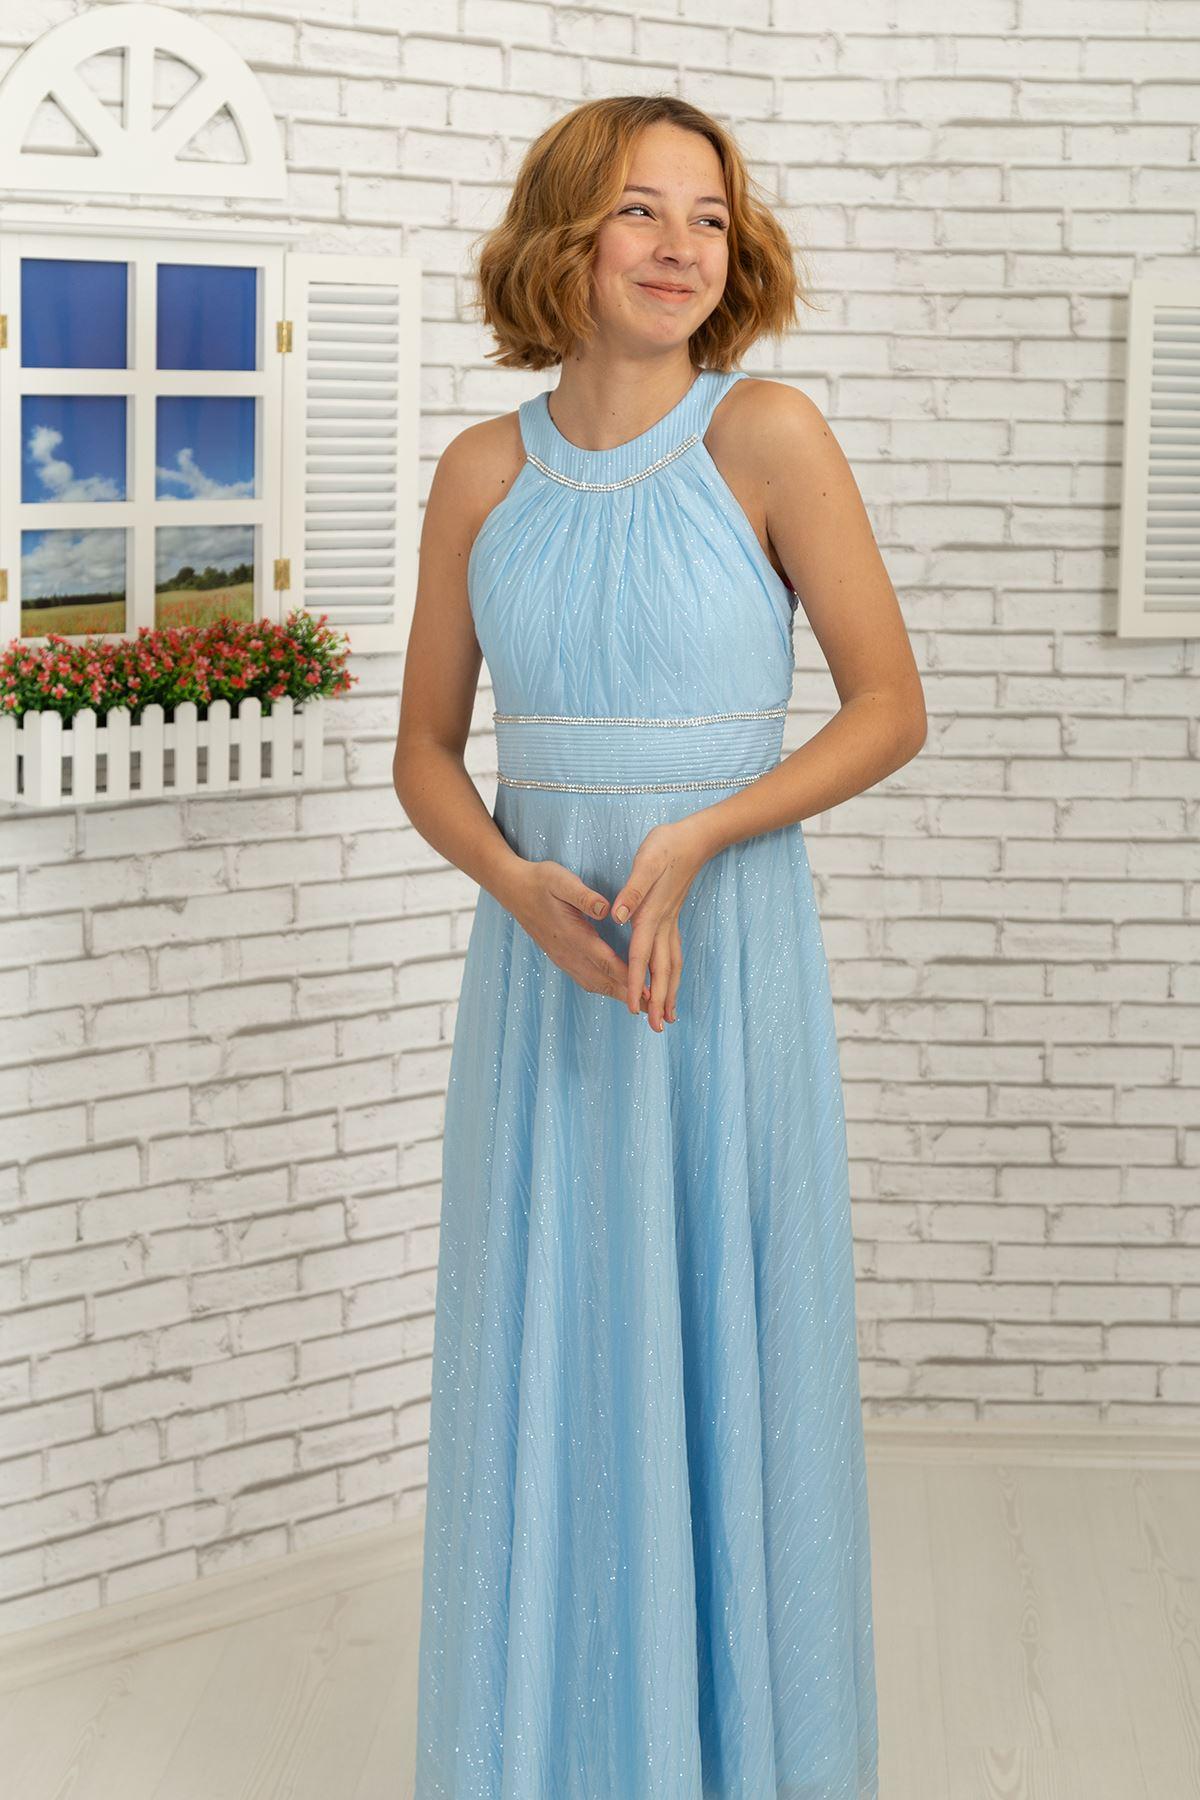 Taille et cou Pierre détaillée, zigzag argenté en mousseline de soie Fille Enfants Robe de soirée 468 Bébé Bleu